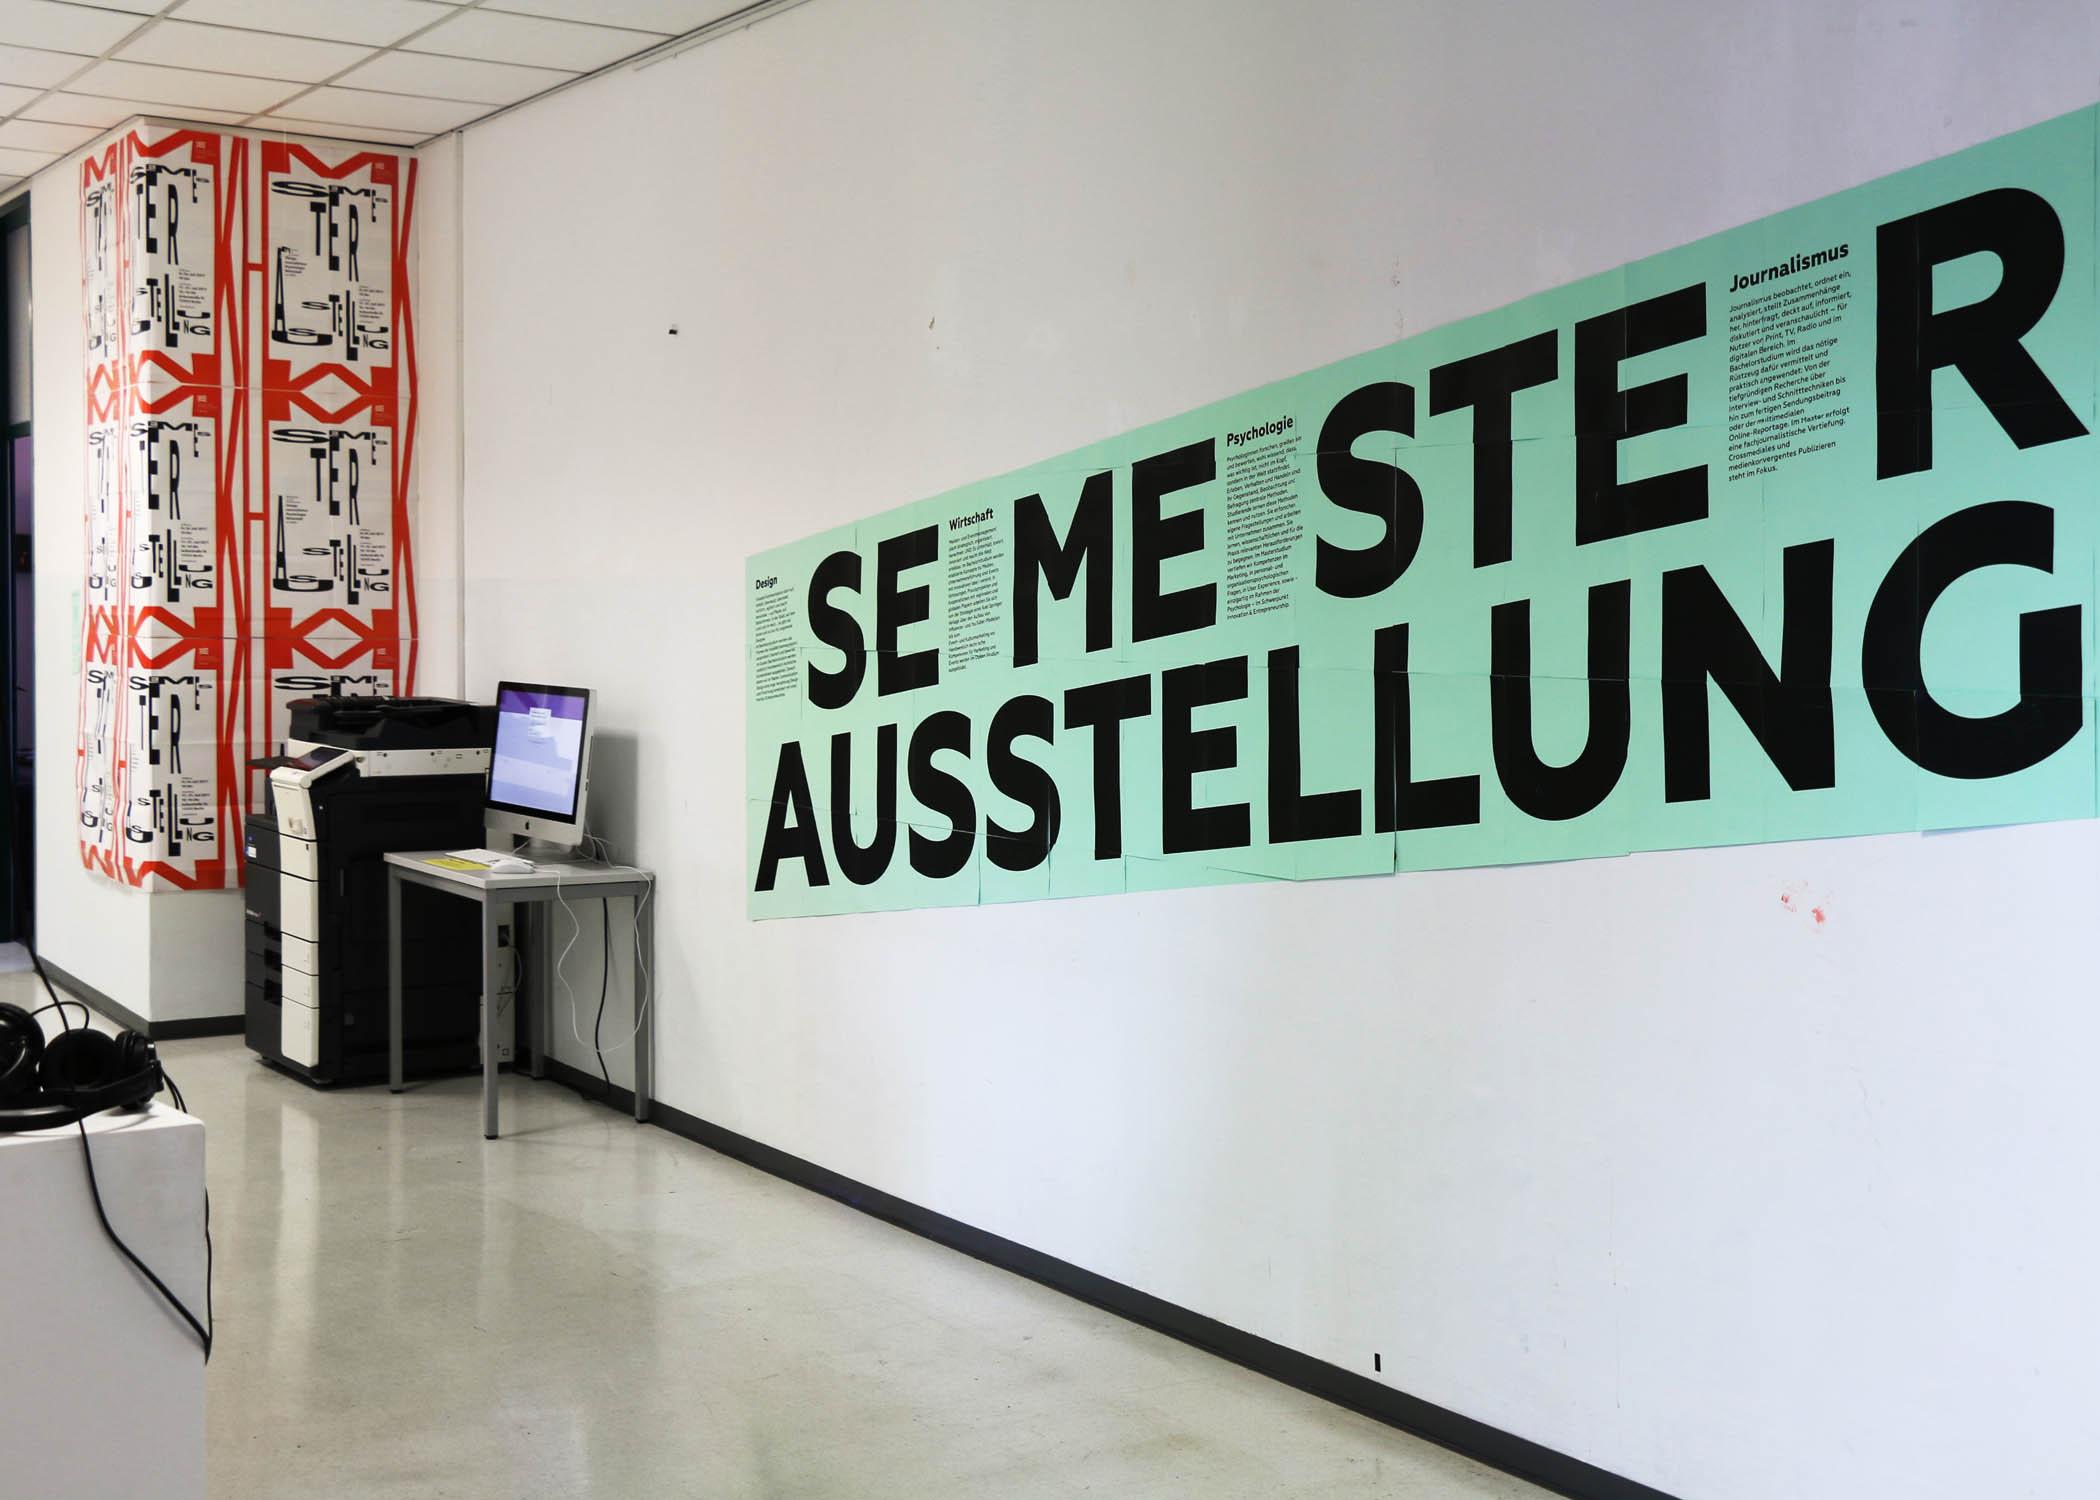 Die Semesterausstellung 2017 an der HMKW Berlin zeigte Arbeiten aus allen vier Fachbereichen Design, Journalismus und Kommunikation, Psychologie sowie Wirtschaft.